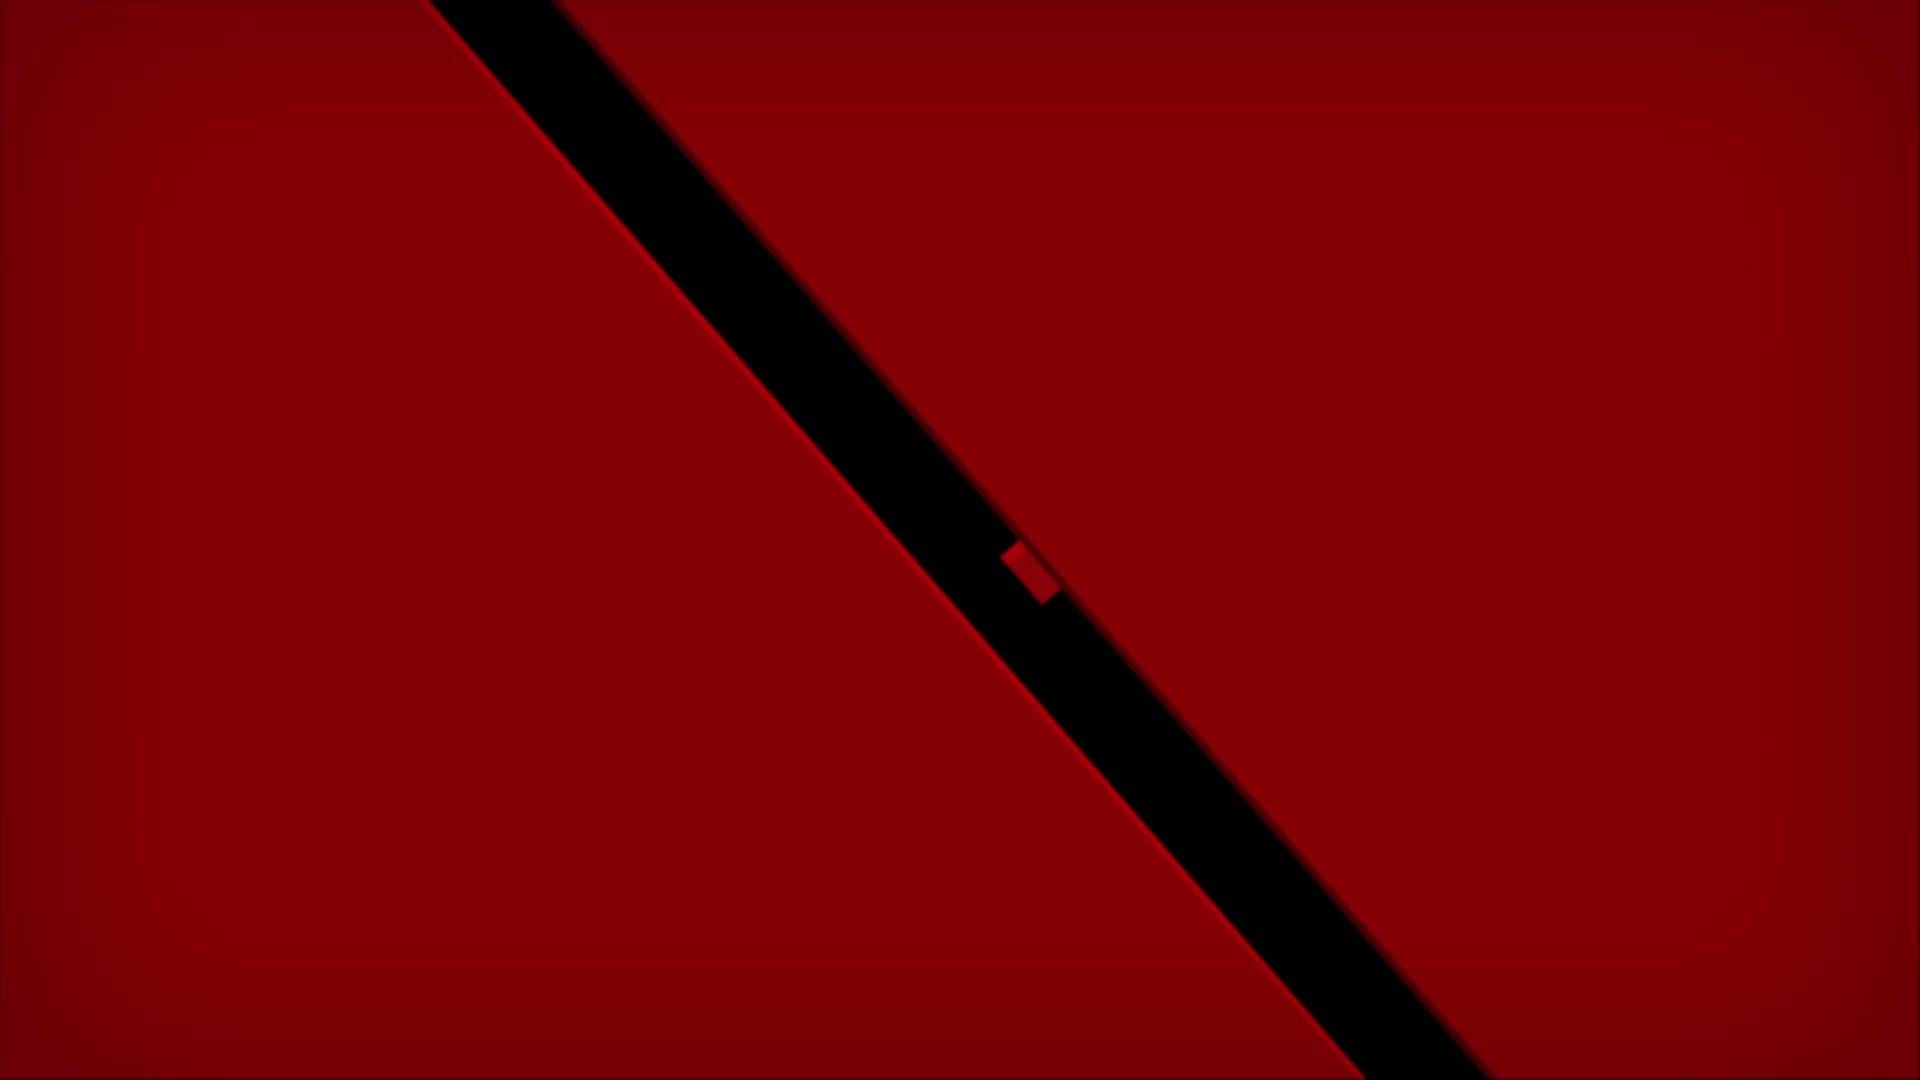 战国之刃! 万代 MG 战国红异端 高达模型介绍